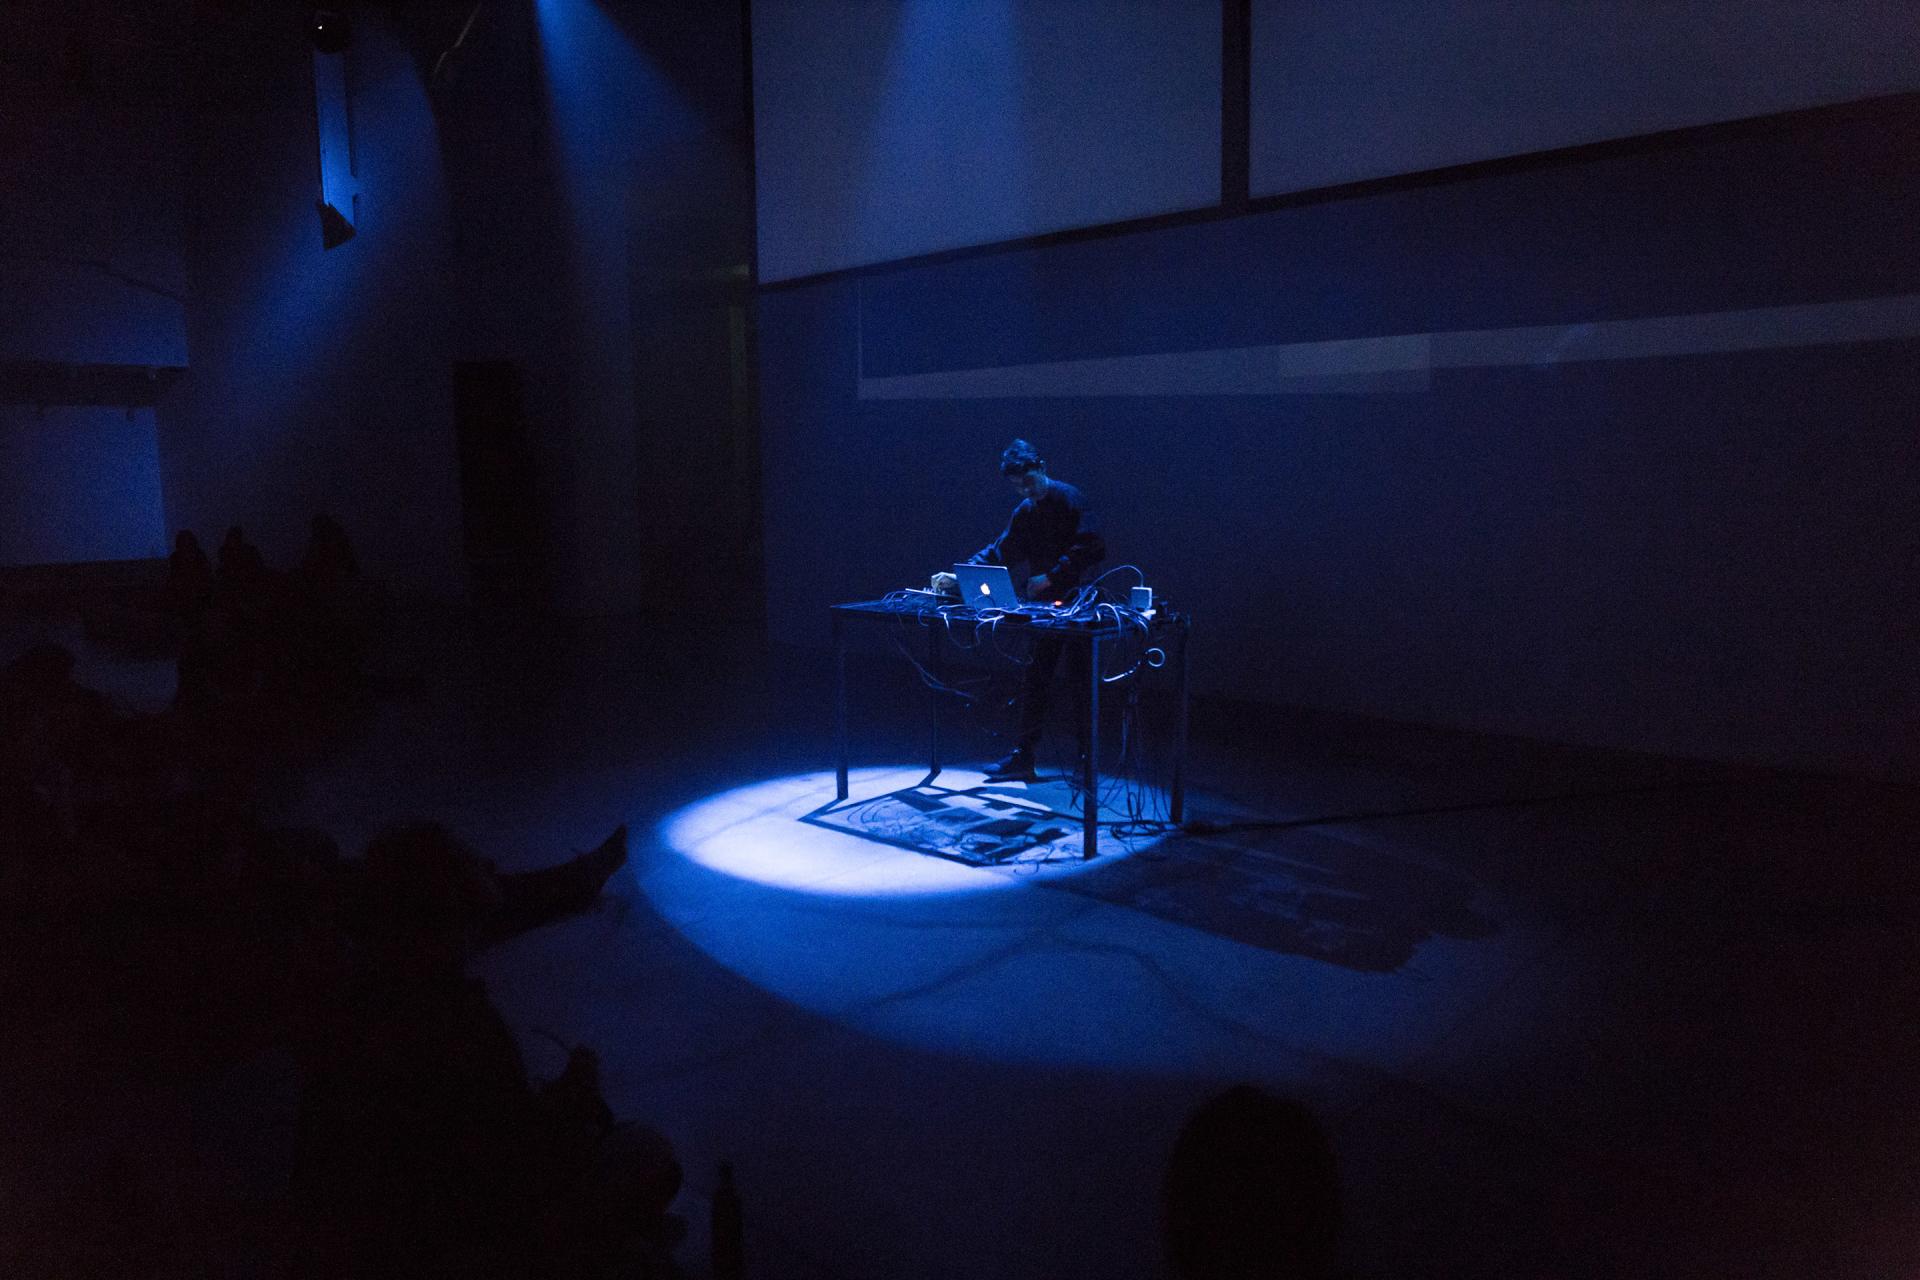 U+29DC: Index of/ Enrico Boccioletti #AERIAL, Live Arts Week III